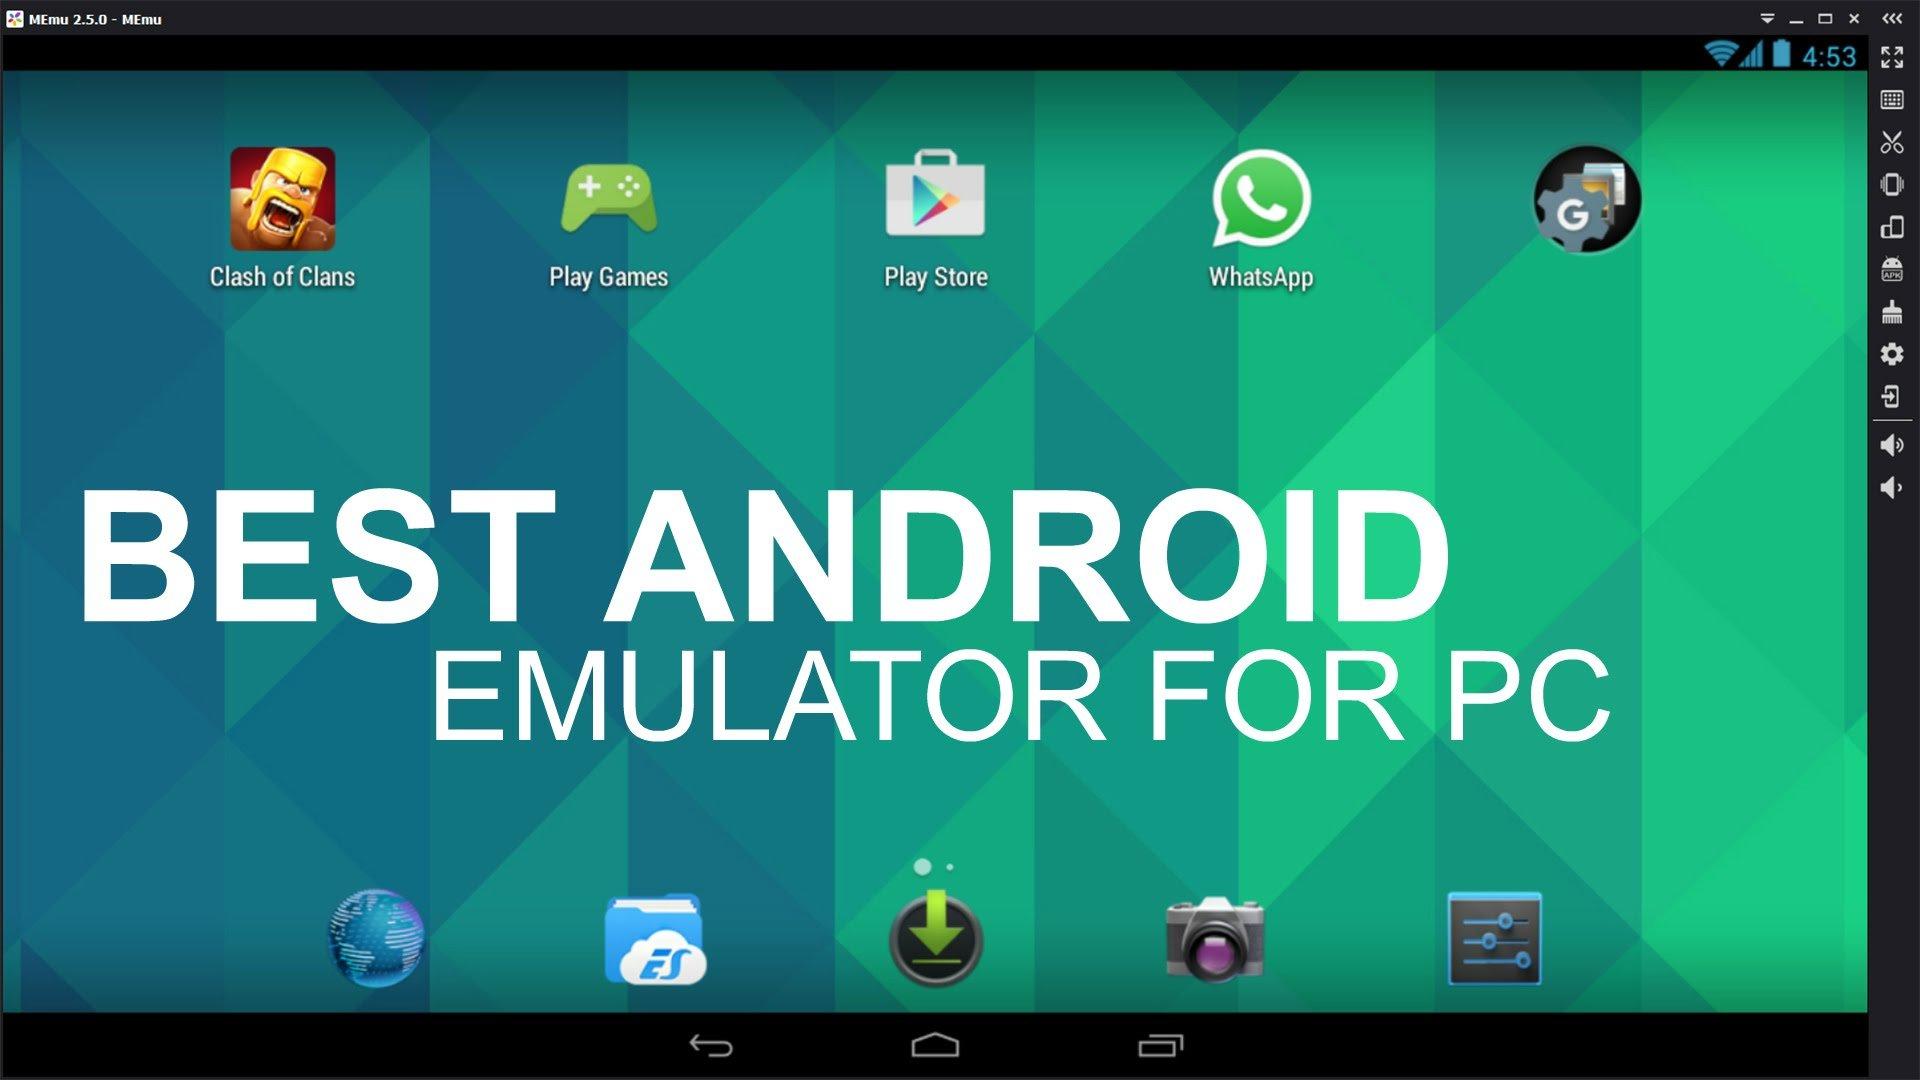 КИМ эмулятор андроид для пк апле онлайн актуальные объявления!Проектная декларация